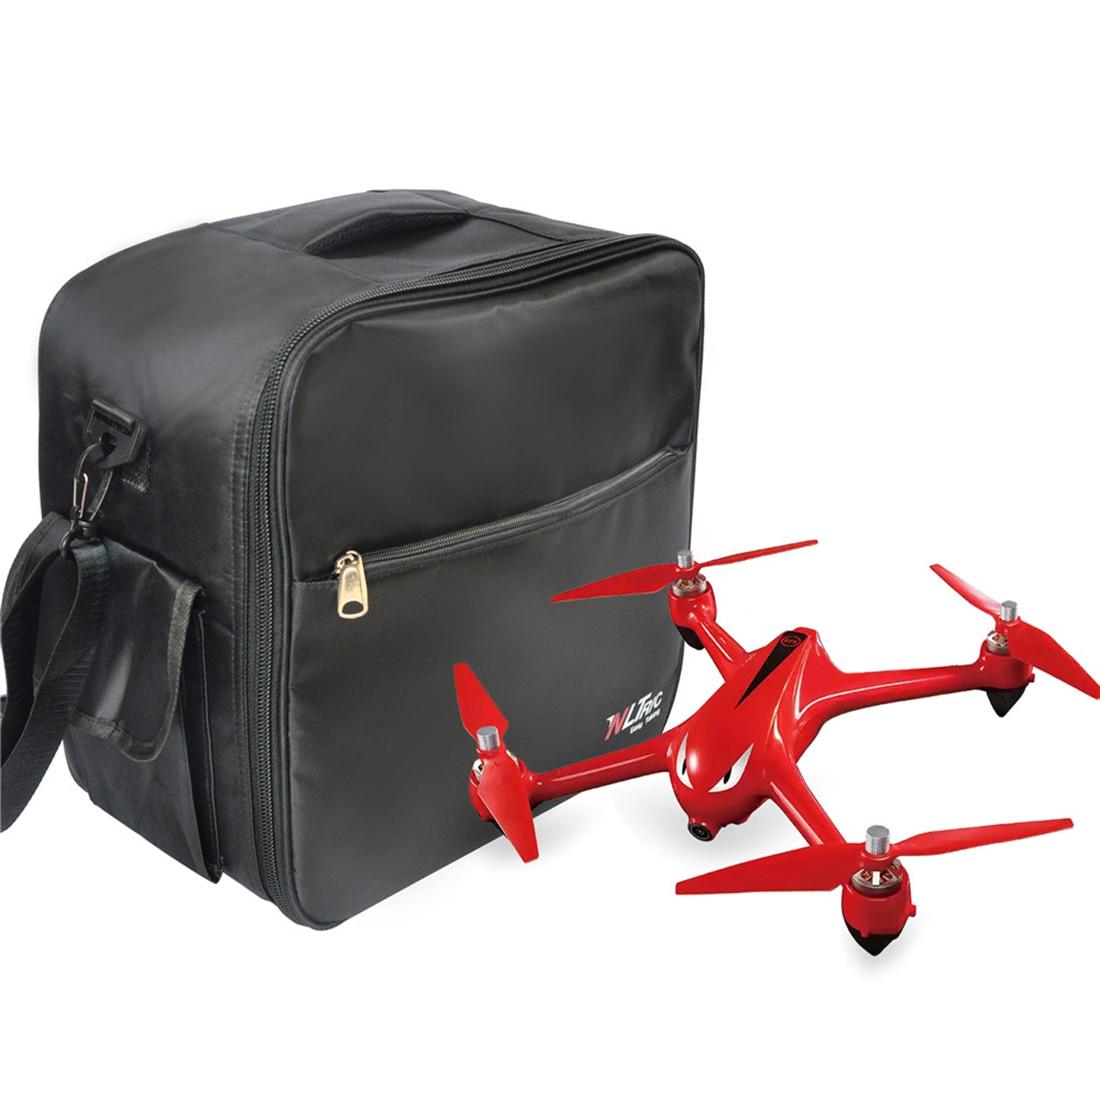 Sac à dos sac de transport sac à bandoulière simple pour MJX Bugs 5 W/Bugs 2 W/SJRC S70W/BAYANG X16 X21 X22 Drone-in Sacs pour drone from Electronique    1